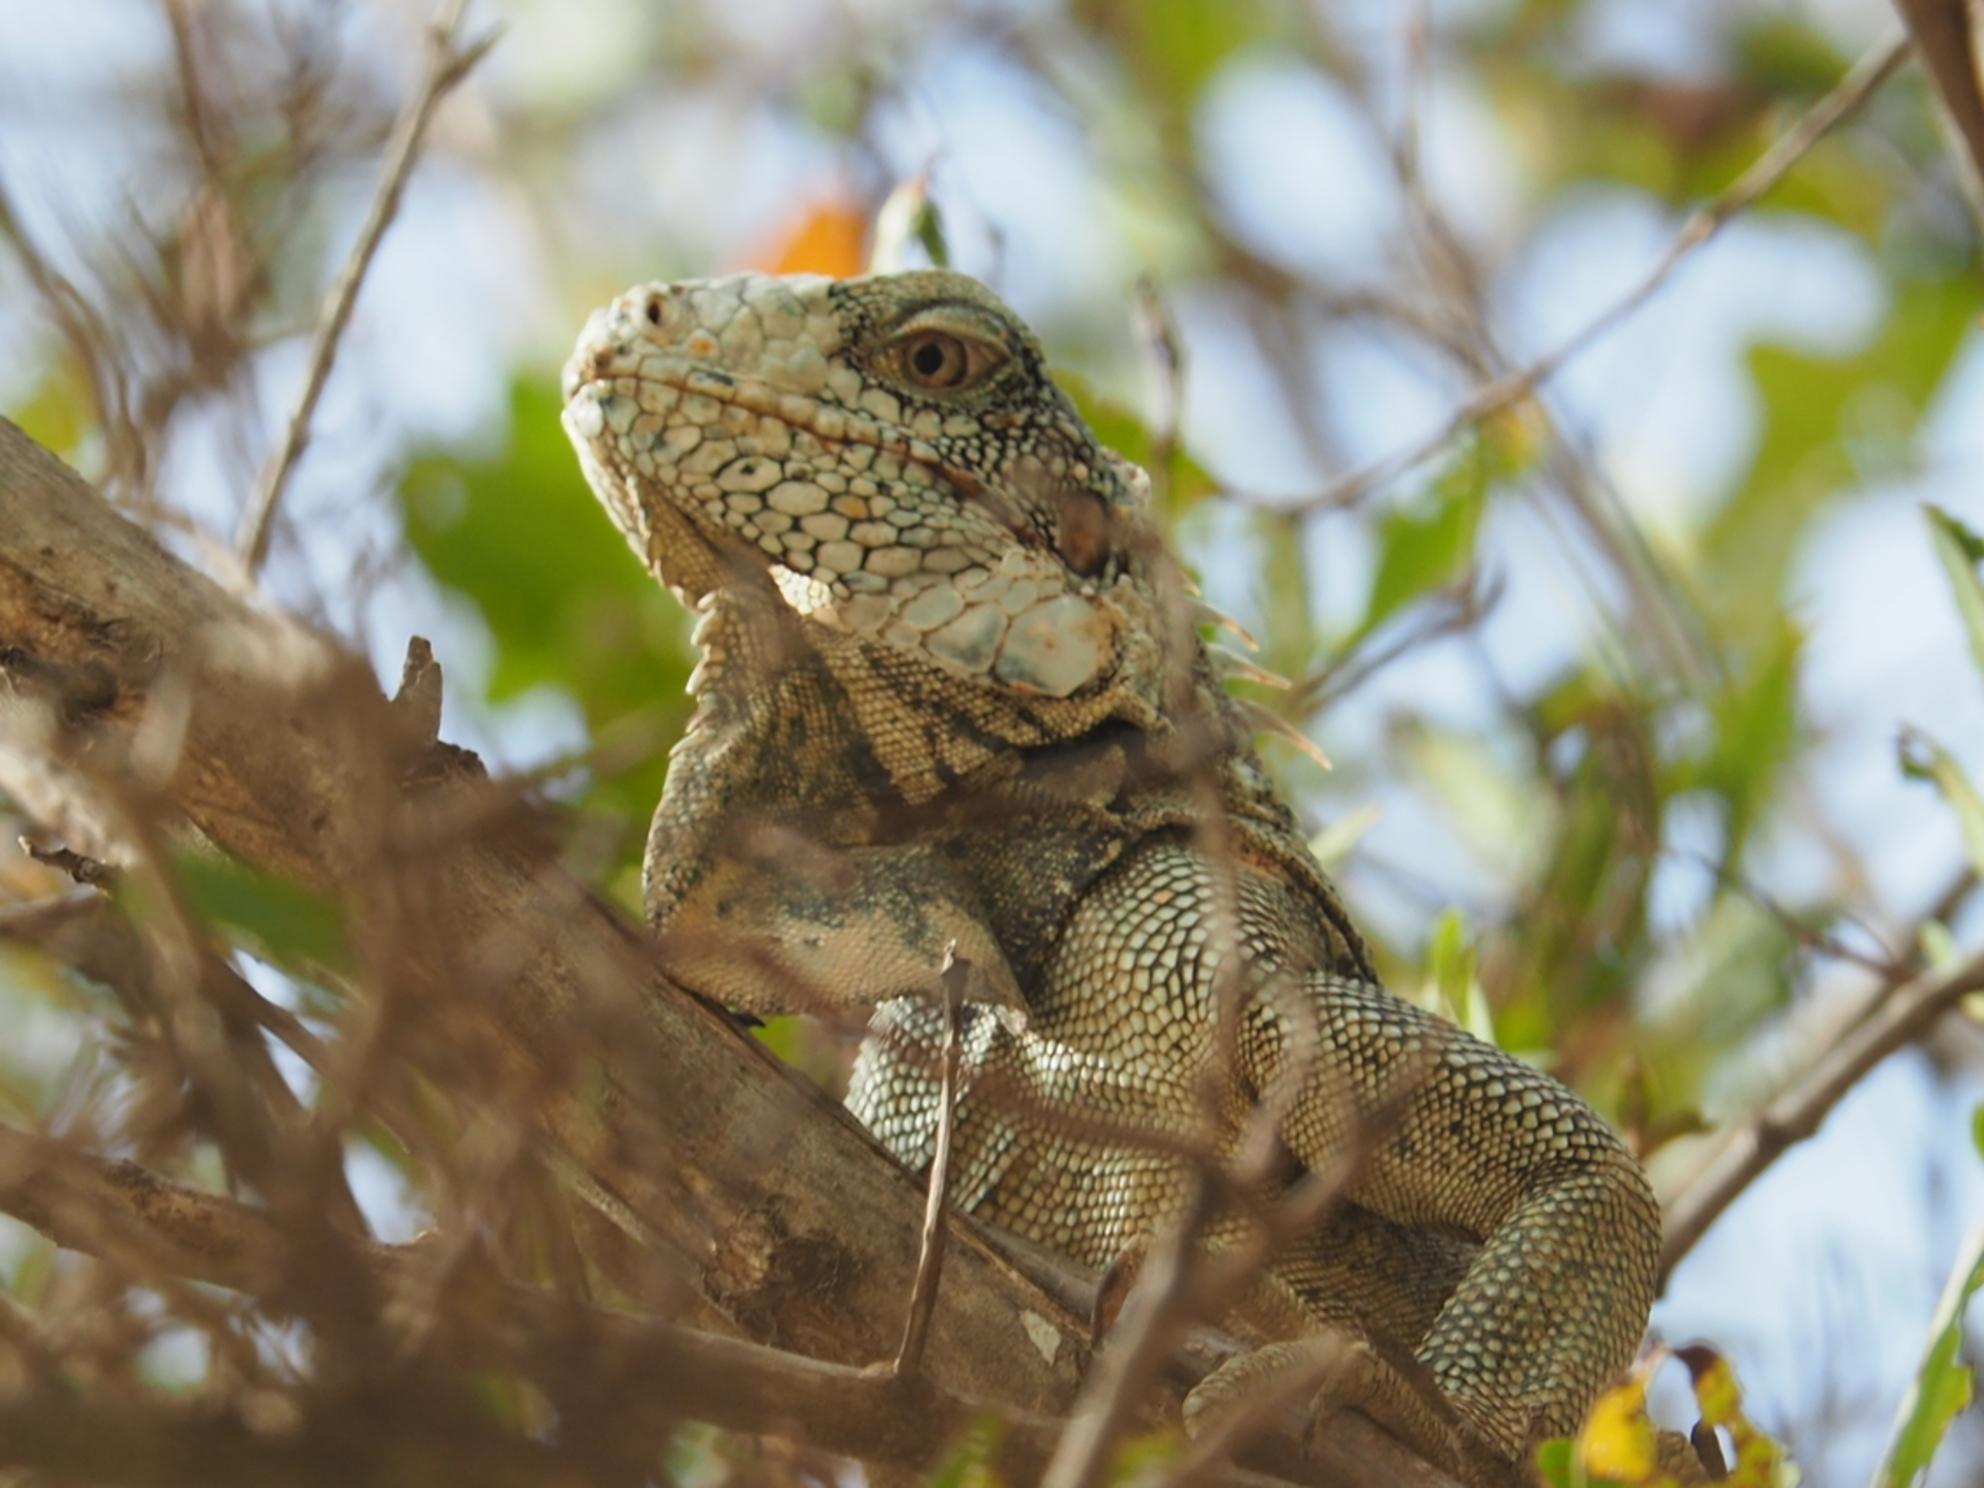 Rustaaaaagh - Deze leguaan zat al een poosje boven ons hoofd in de boom. - foto door langeman1969 op 21-06-2019 - deze foto bevat: vakantie, leguaan, wildlife, curacao, cas abao